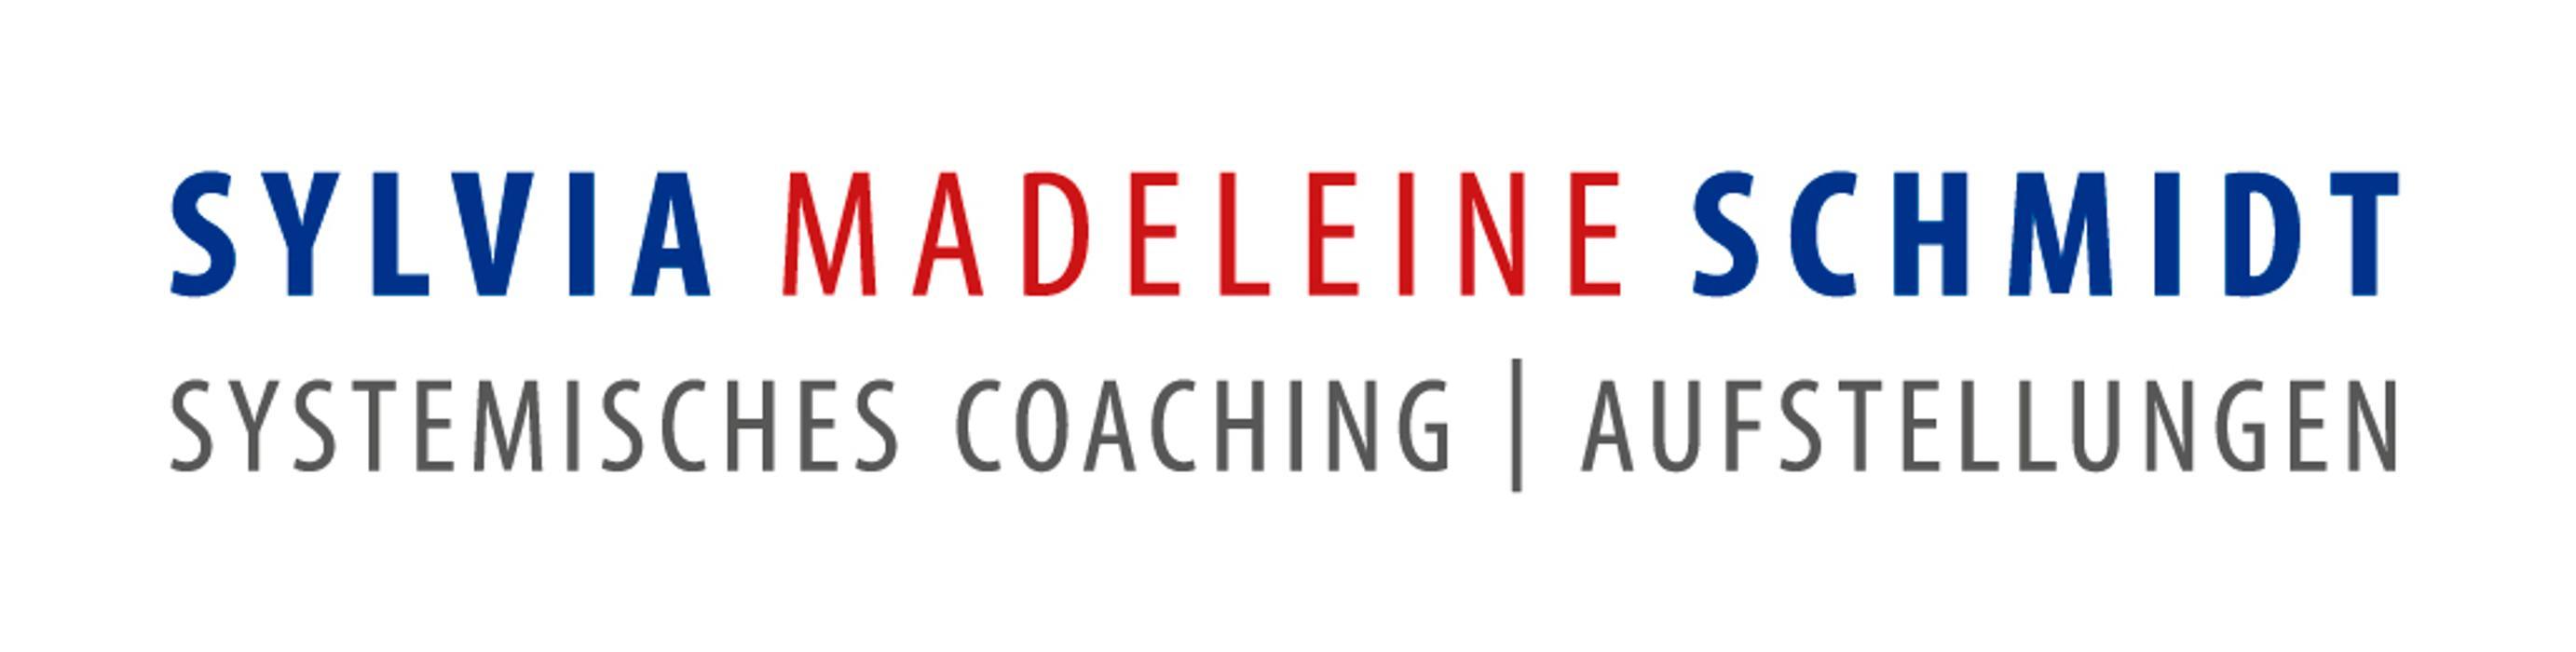 Bild zu Sylvia Madeleine Schmidt - Systemisches Coaching und Aufstellungen in Dietzenbach